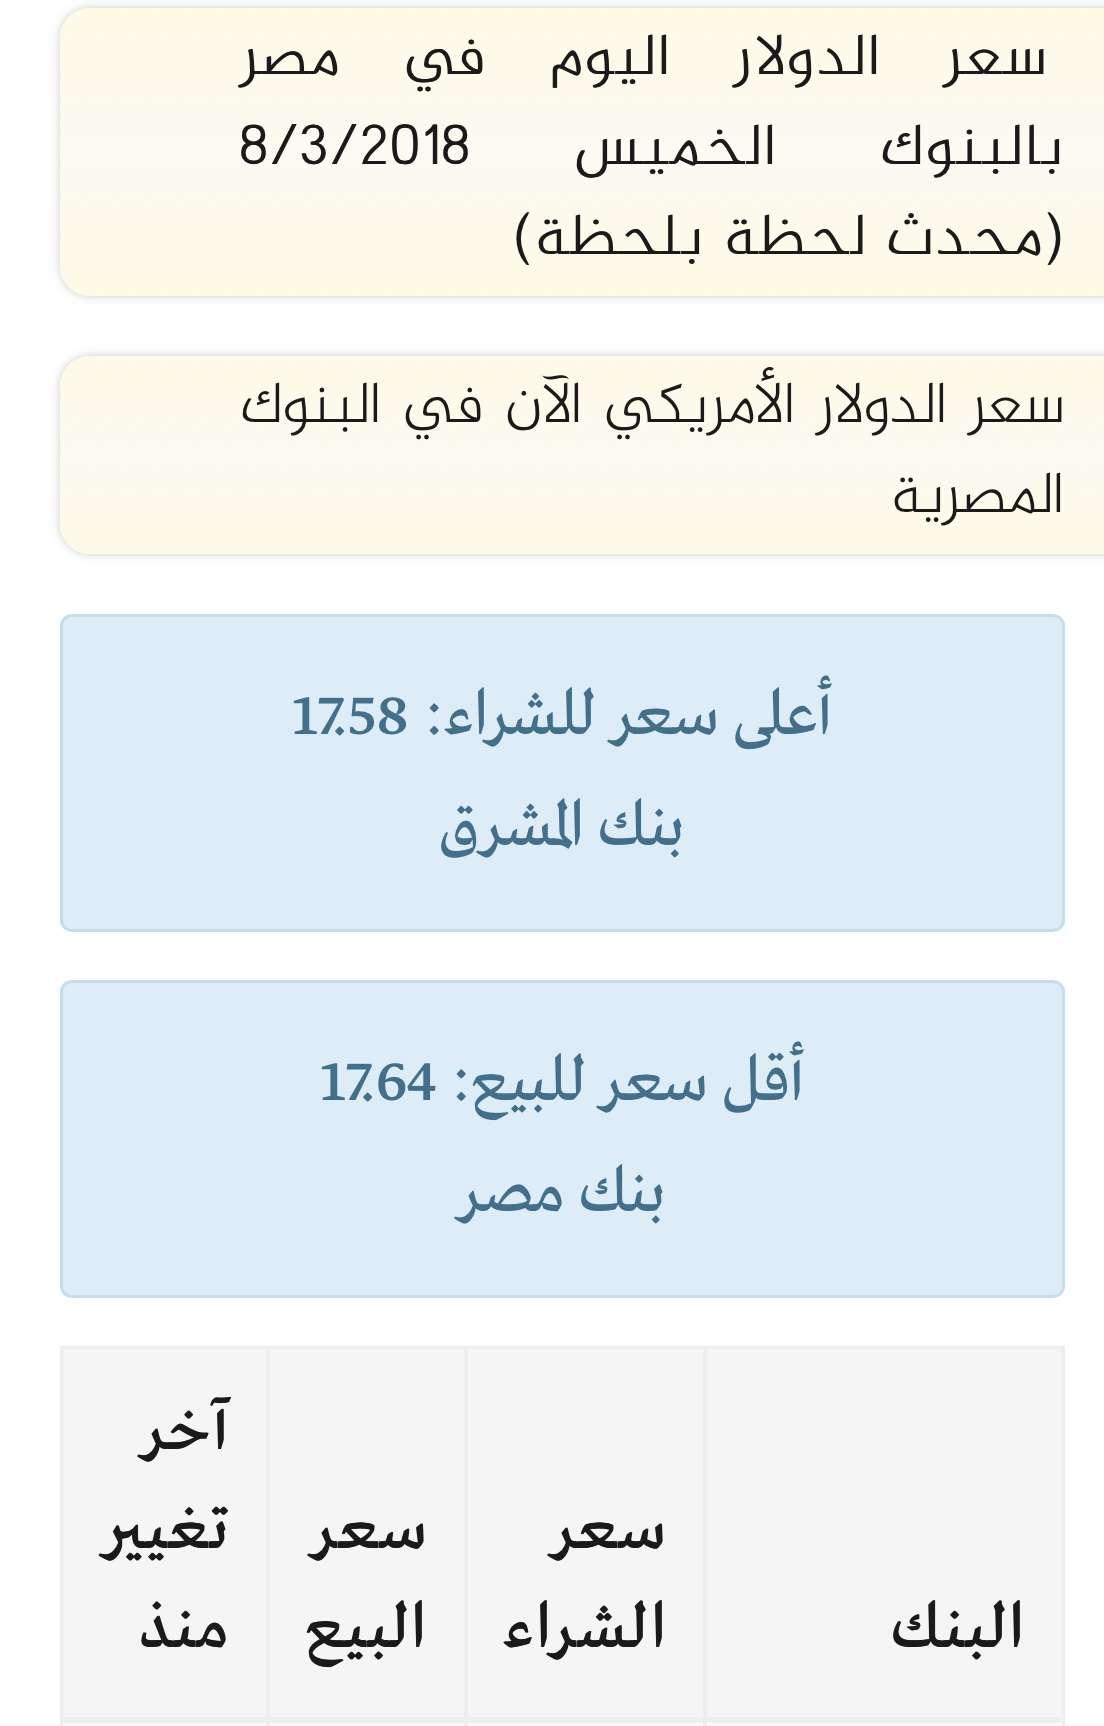 سعر الدولار اليوم الجمعة 9/3/2018 جميع البنوك والسوق السوداء مقابل الجنيه في مصر